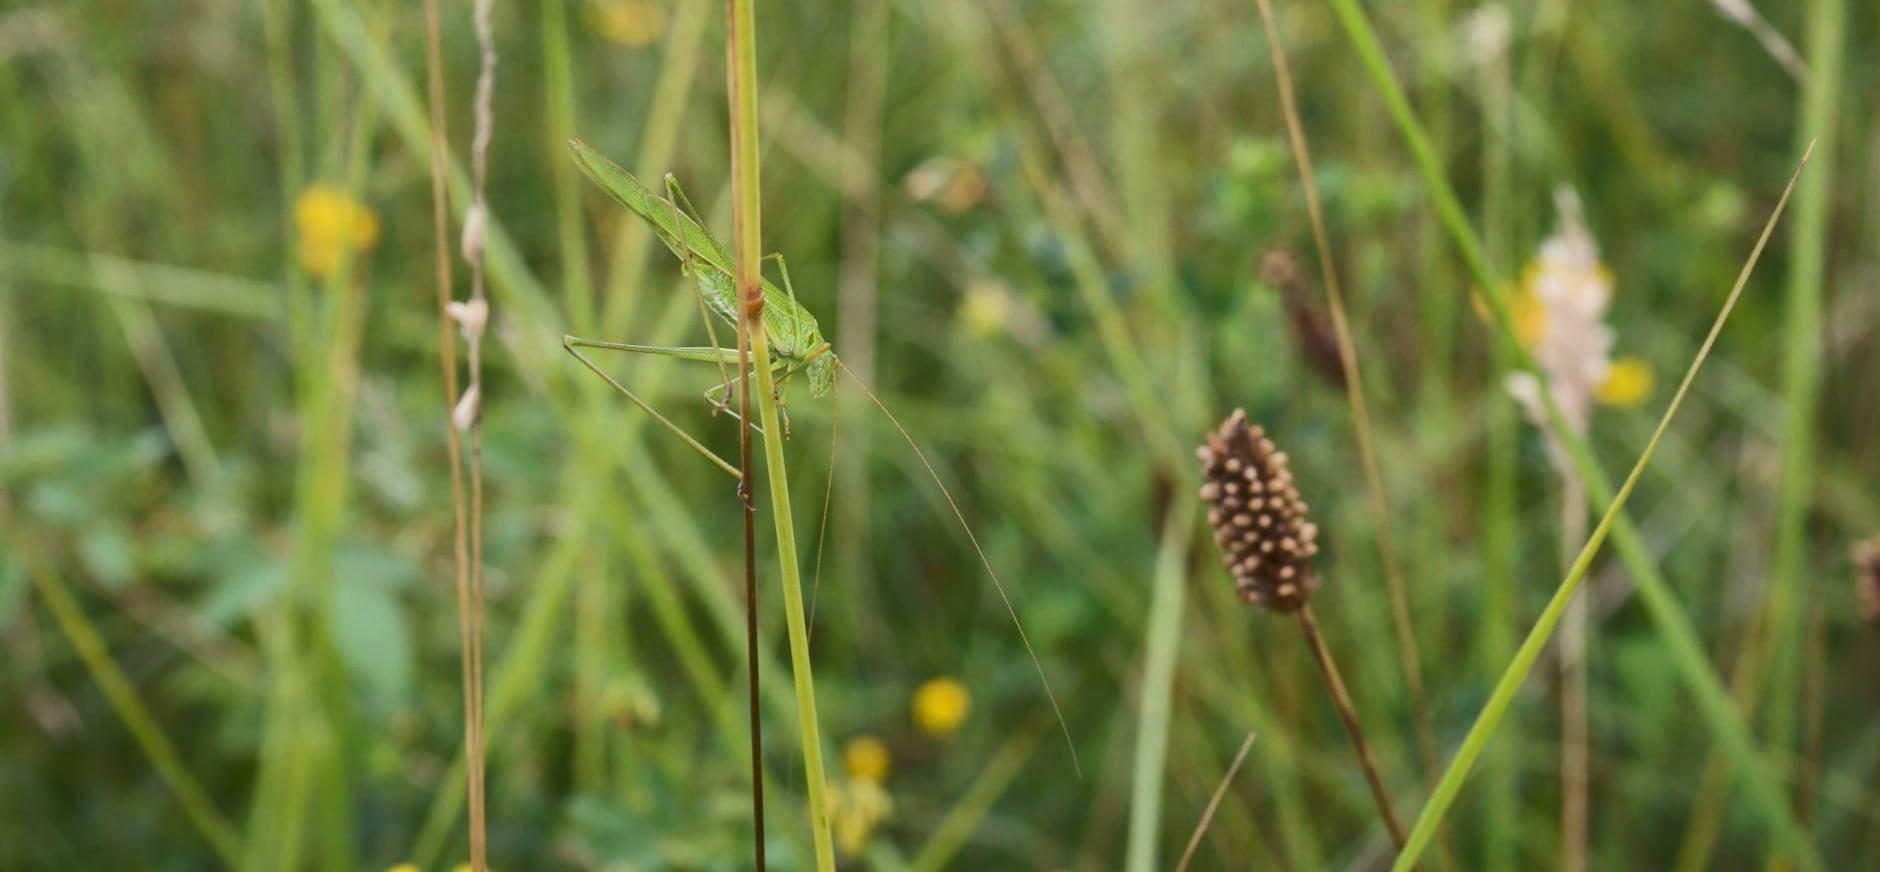 Zeldzame sikkelsprinkhaan Voorsterbos